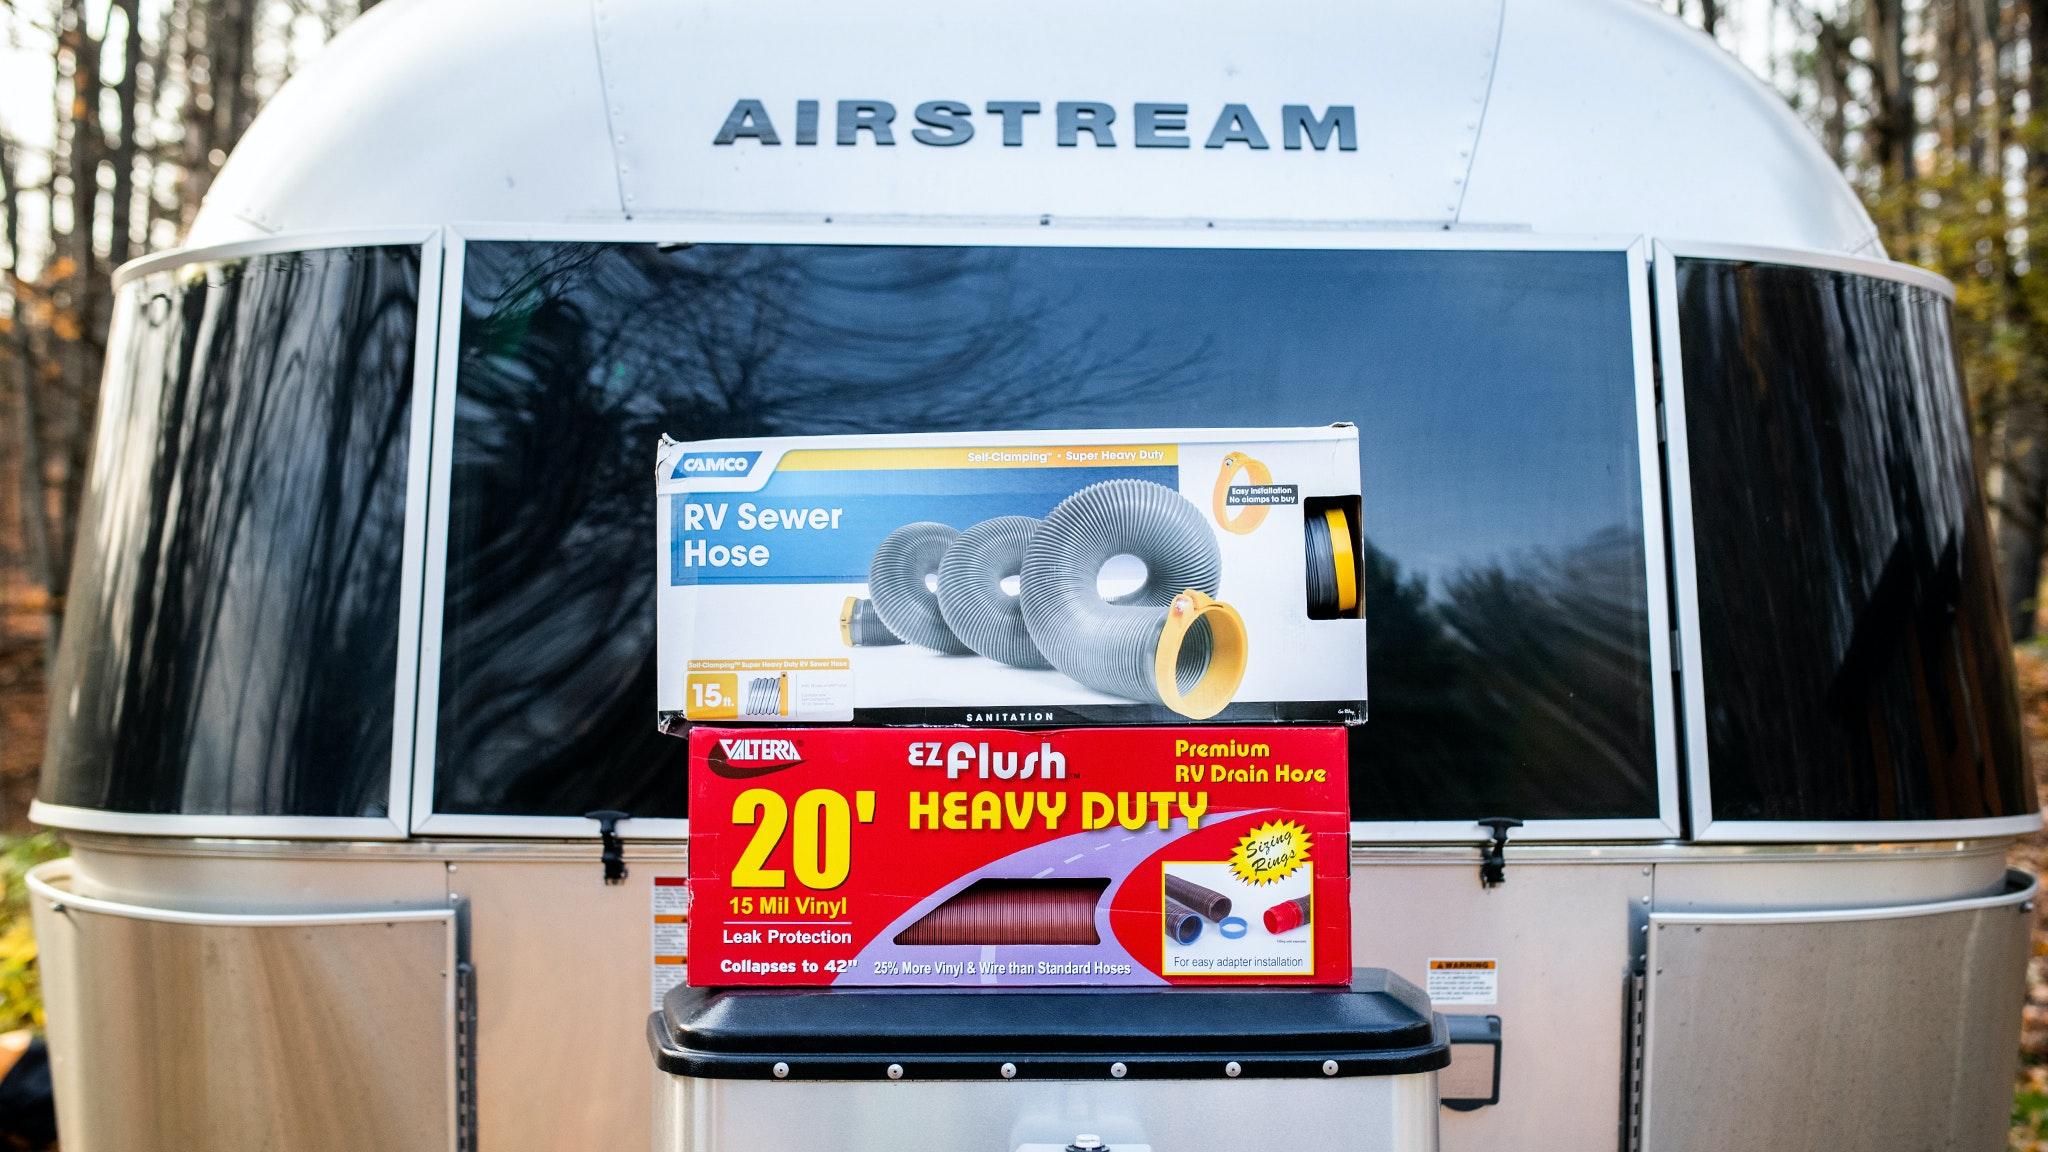 Airstream-Travel-Trailer-Tank-Management-Header-2.1